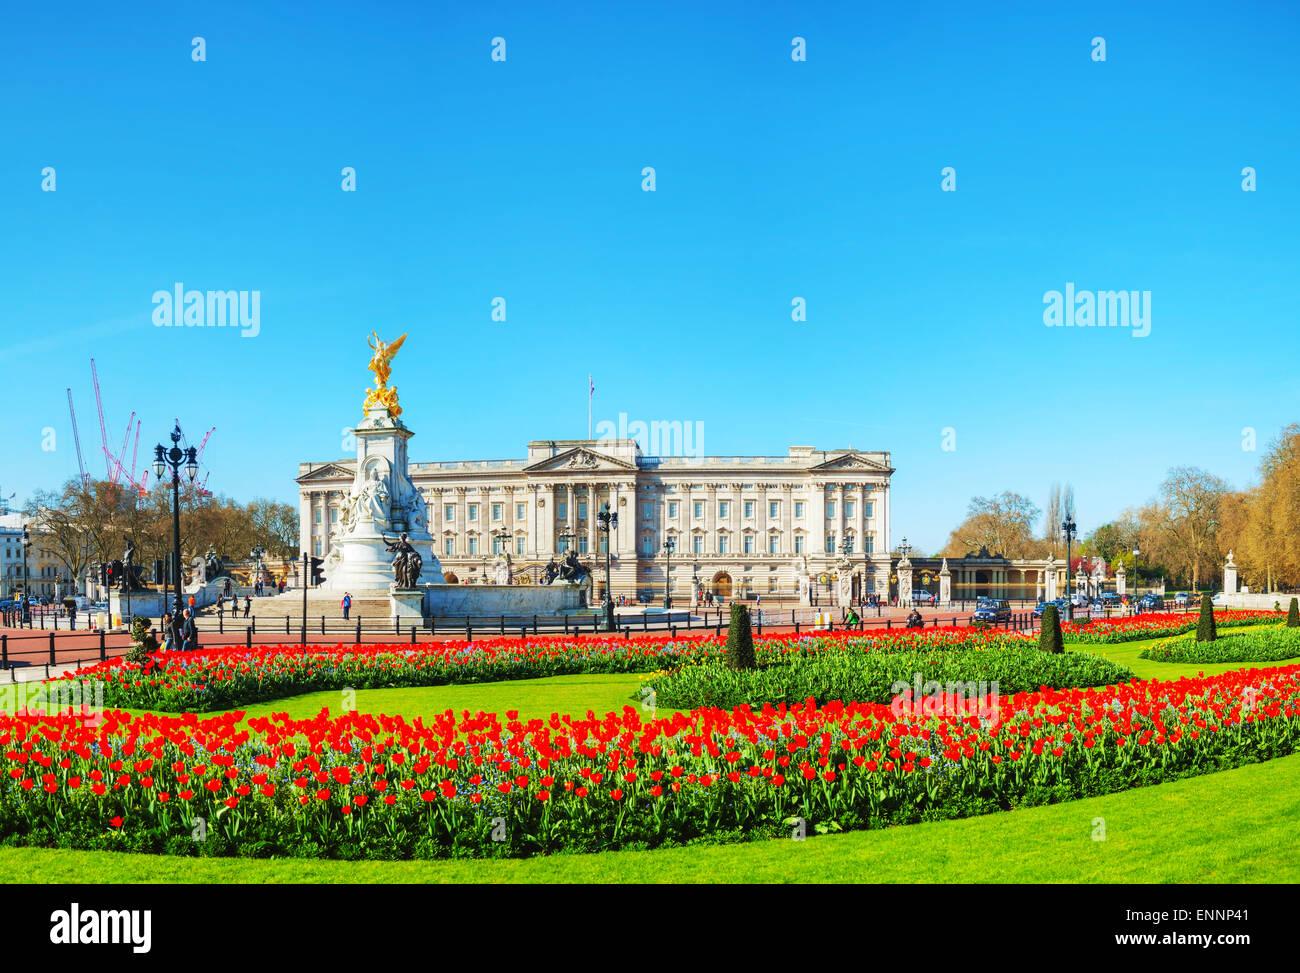 Vue panoramique du palais de Buckingham à Londres, Royaume Uni sur une journée ensoleillée Photo Stock